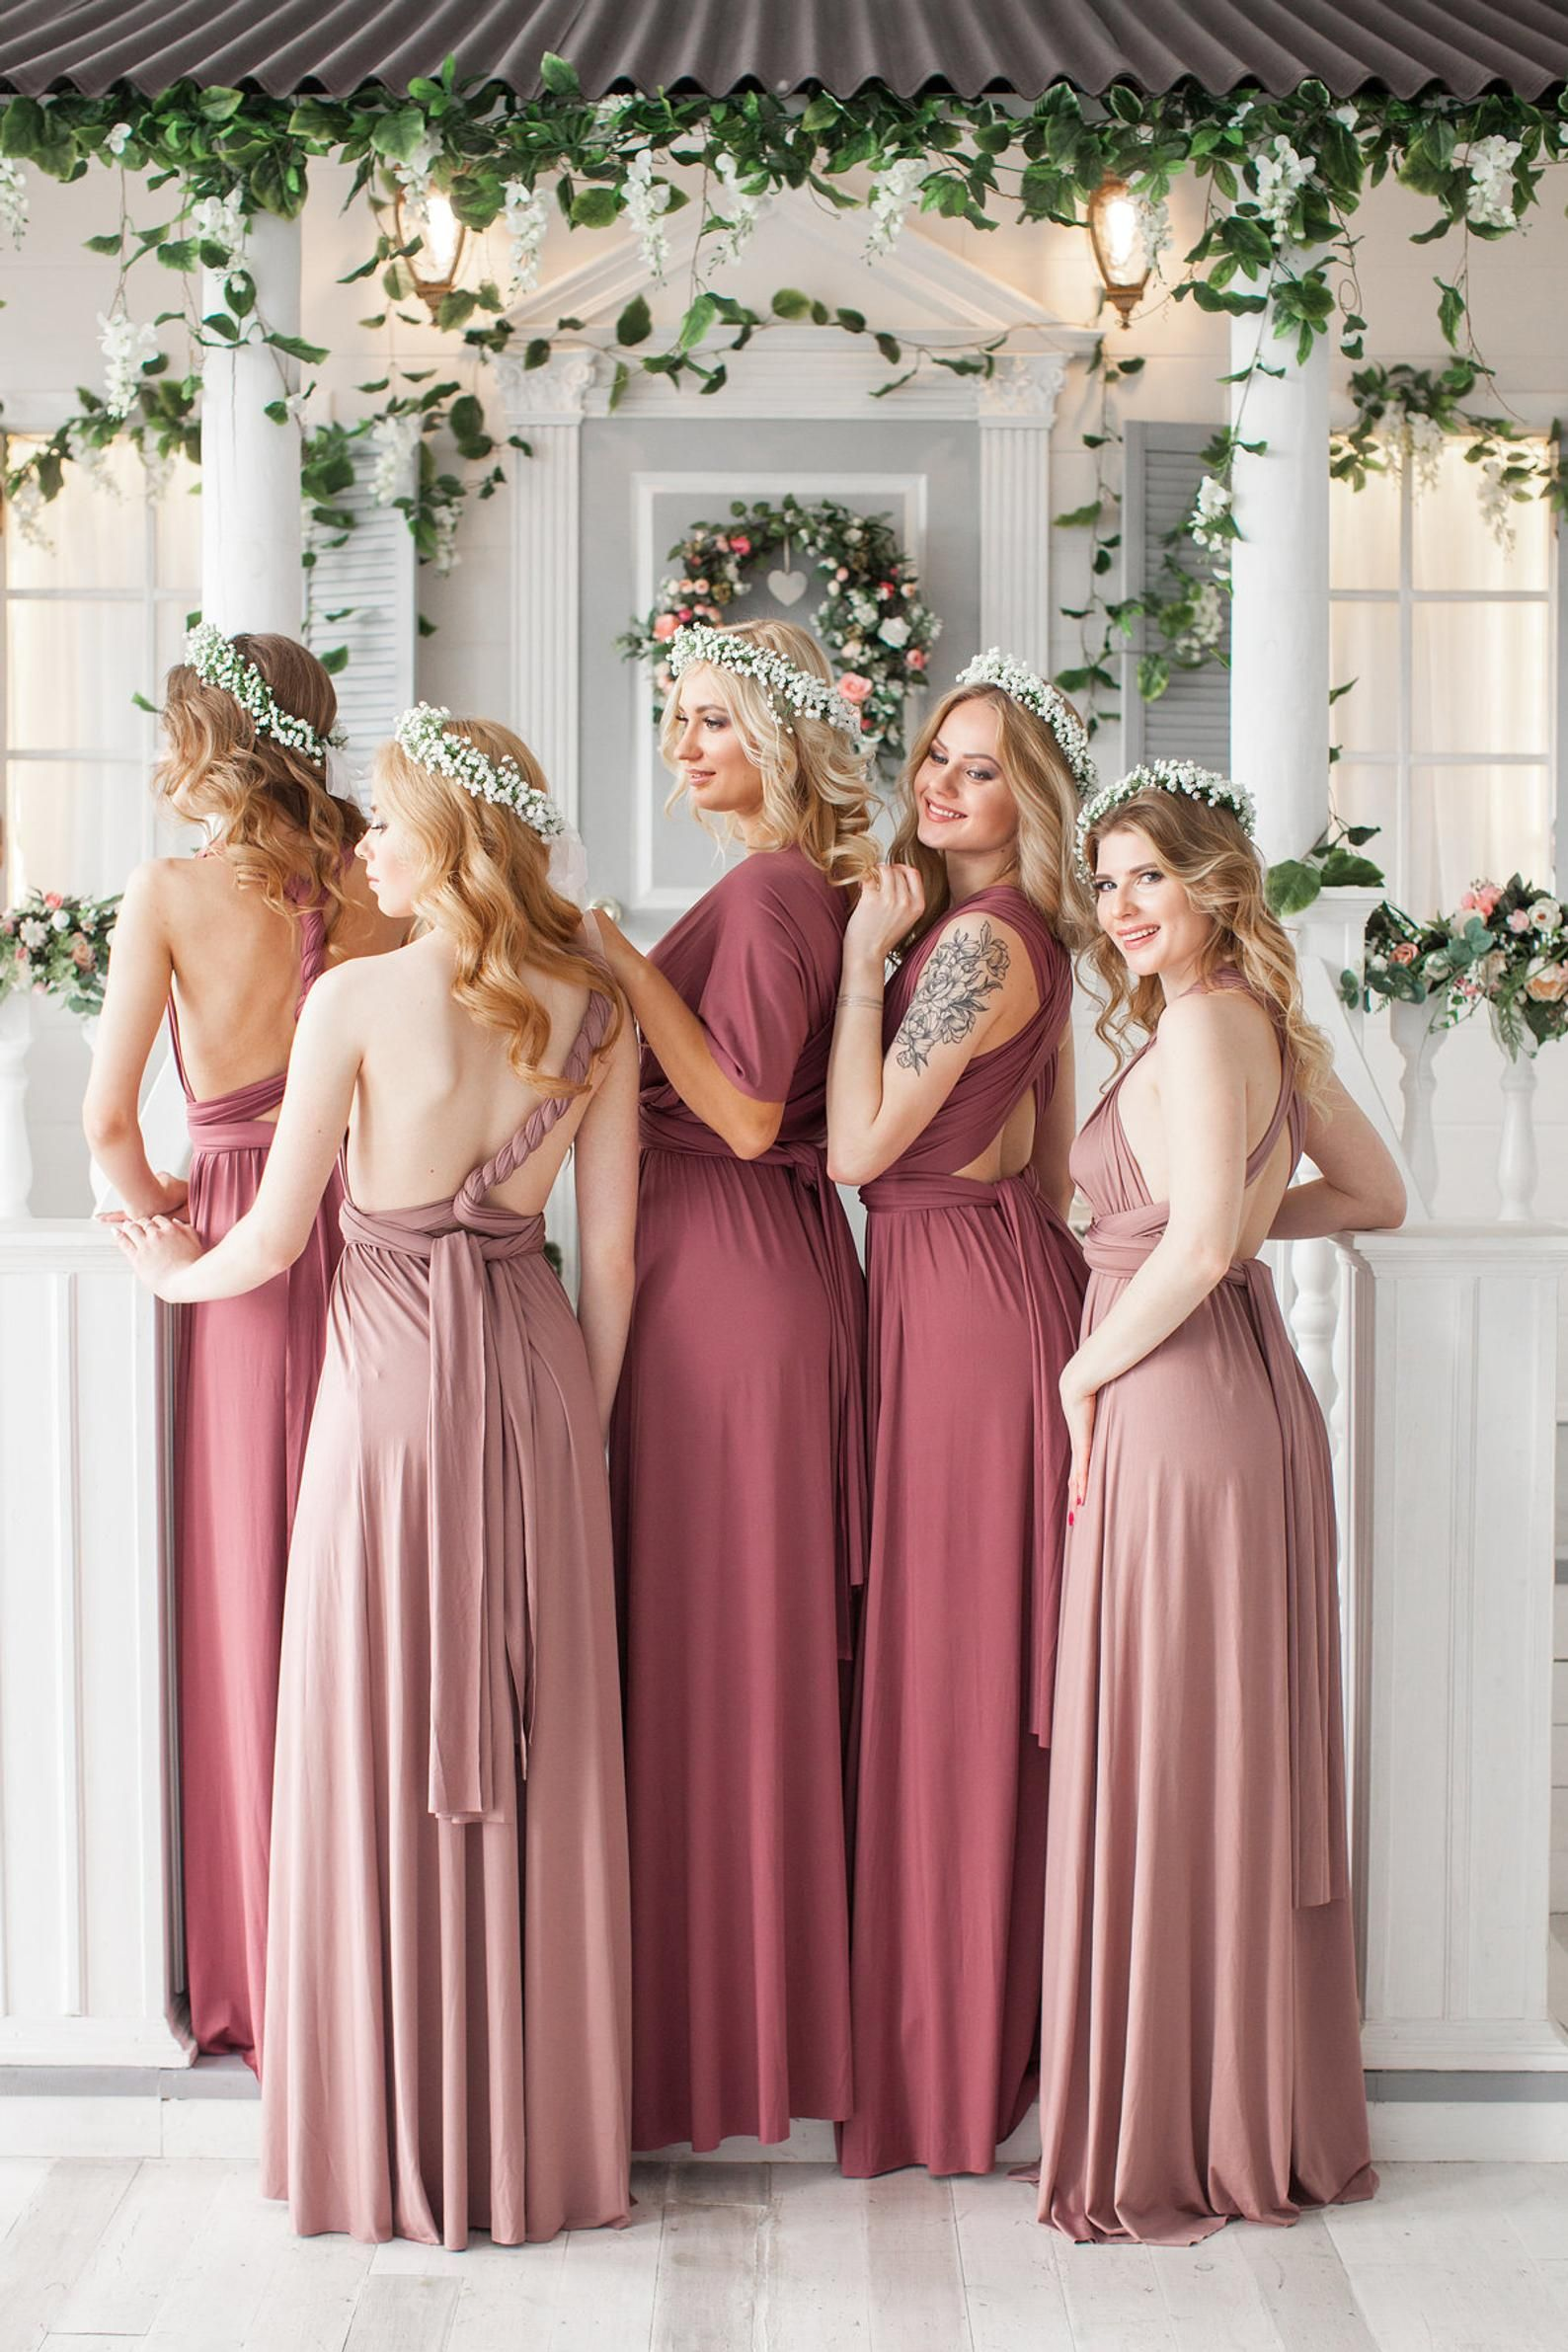 620cf58b64 Rosewood Bridesmaid Dress Infinity Dress Floor Length Maxi Wrap Convertible  Dusty Rose Dress Wed.